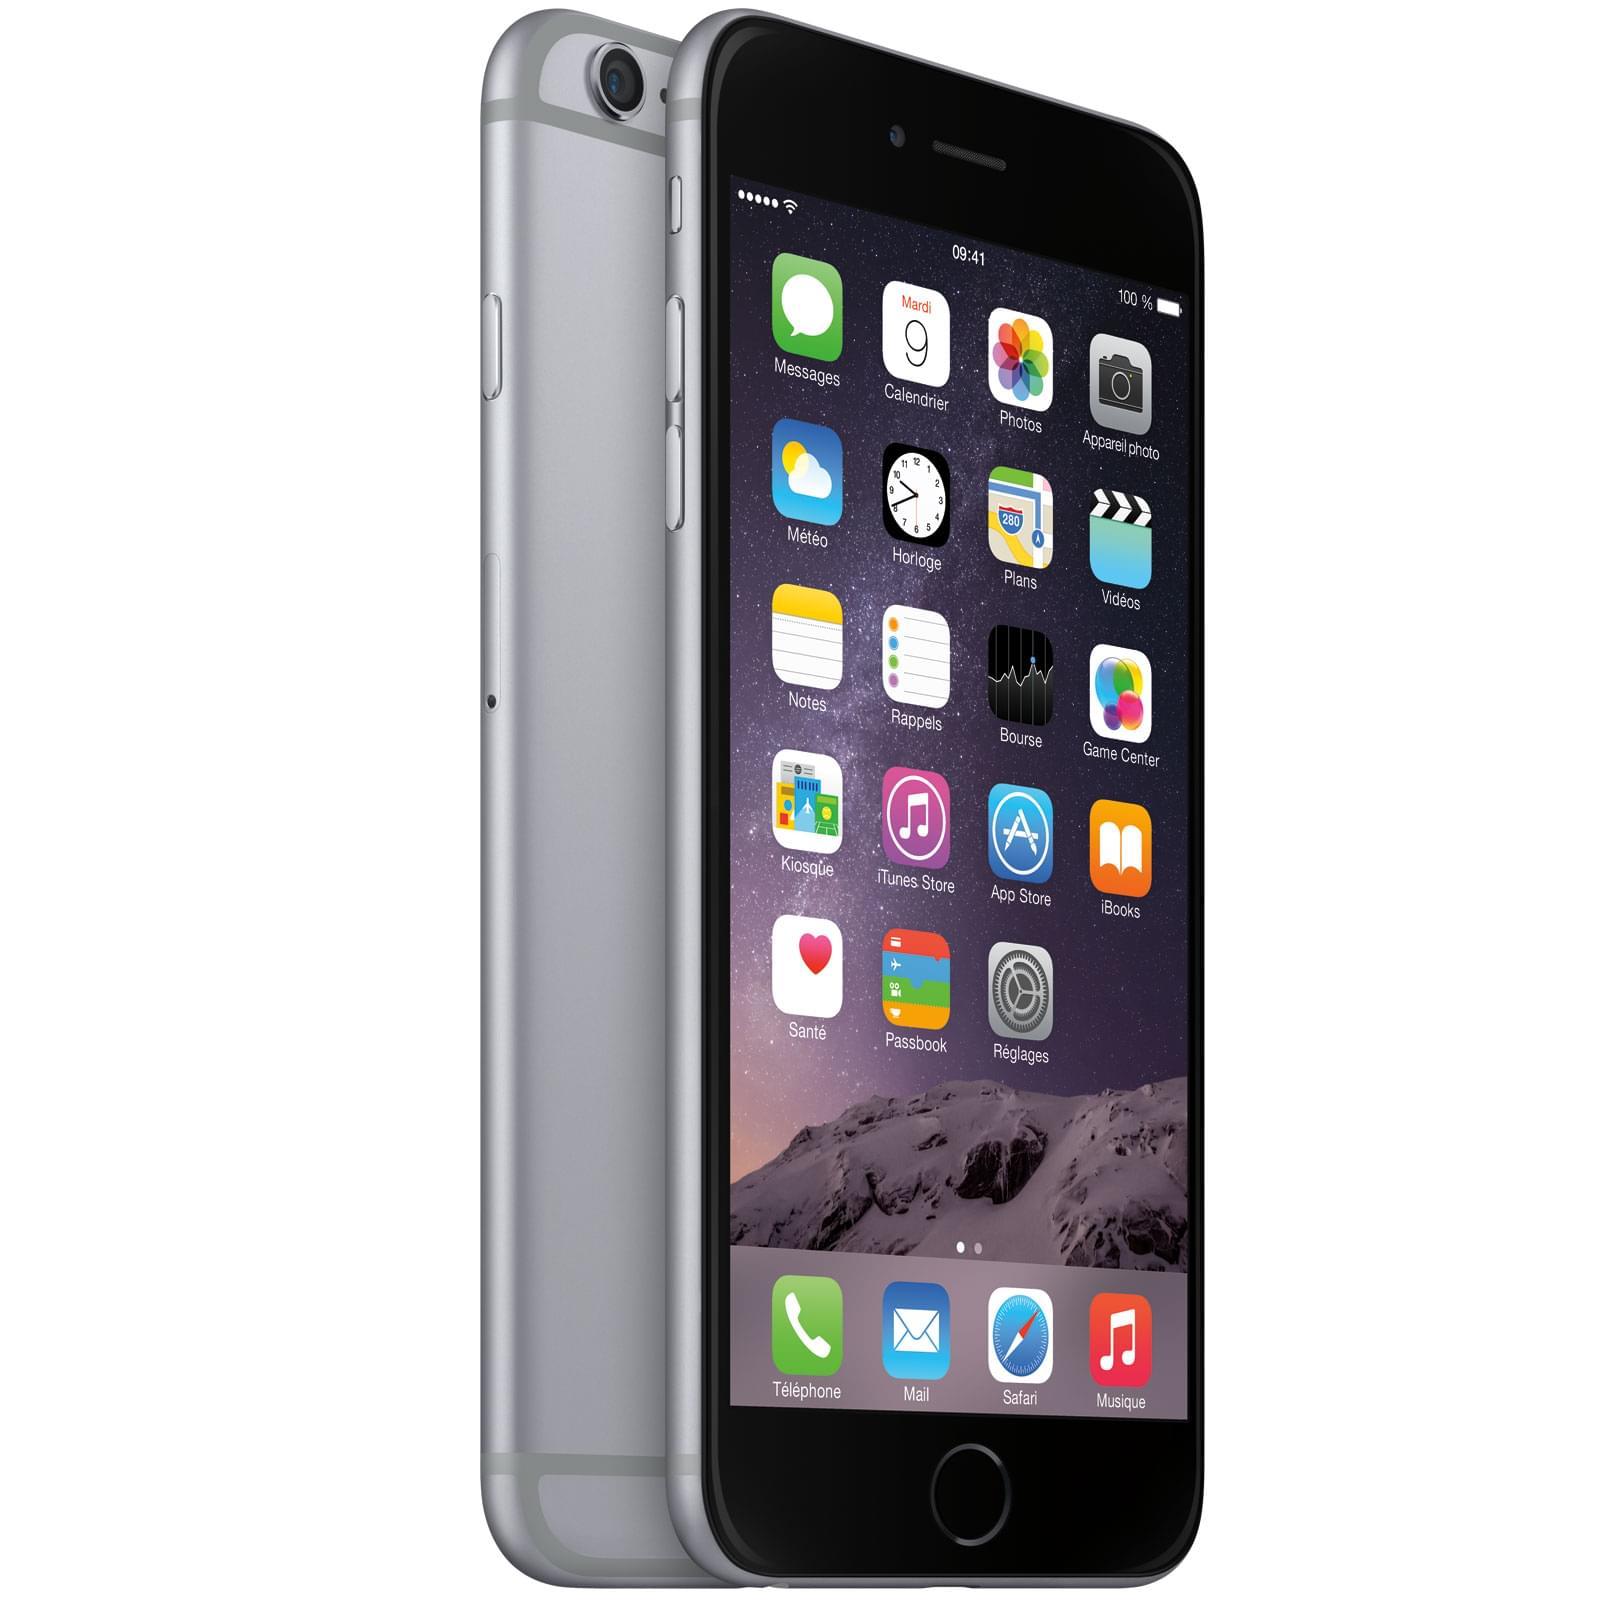 Apple iPhone 6 Plus 16Go Gris Sidéral (MGA82ZD/A) - Achat / Vente Téléphonie sur Cybertek.fr - 0